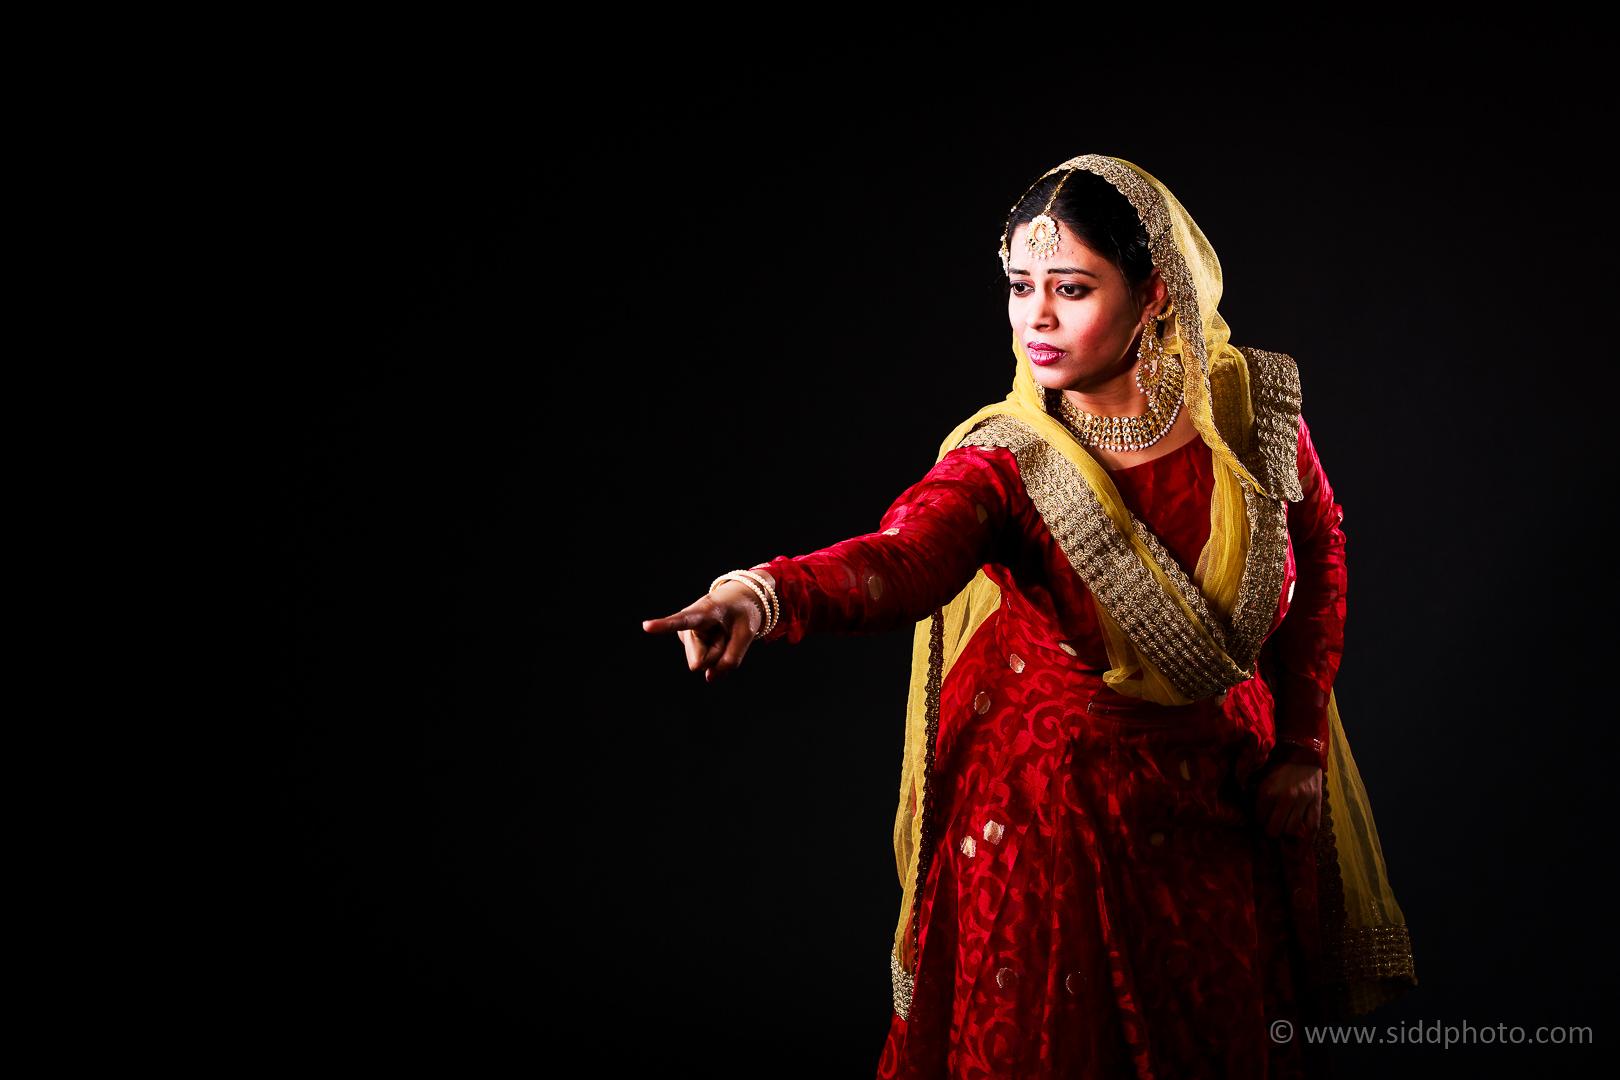 2012-04-21 - Antara Dutta Katthak Photoshoot - EO5C9900-10